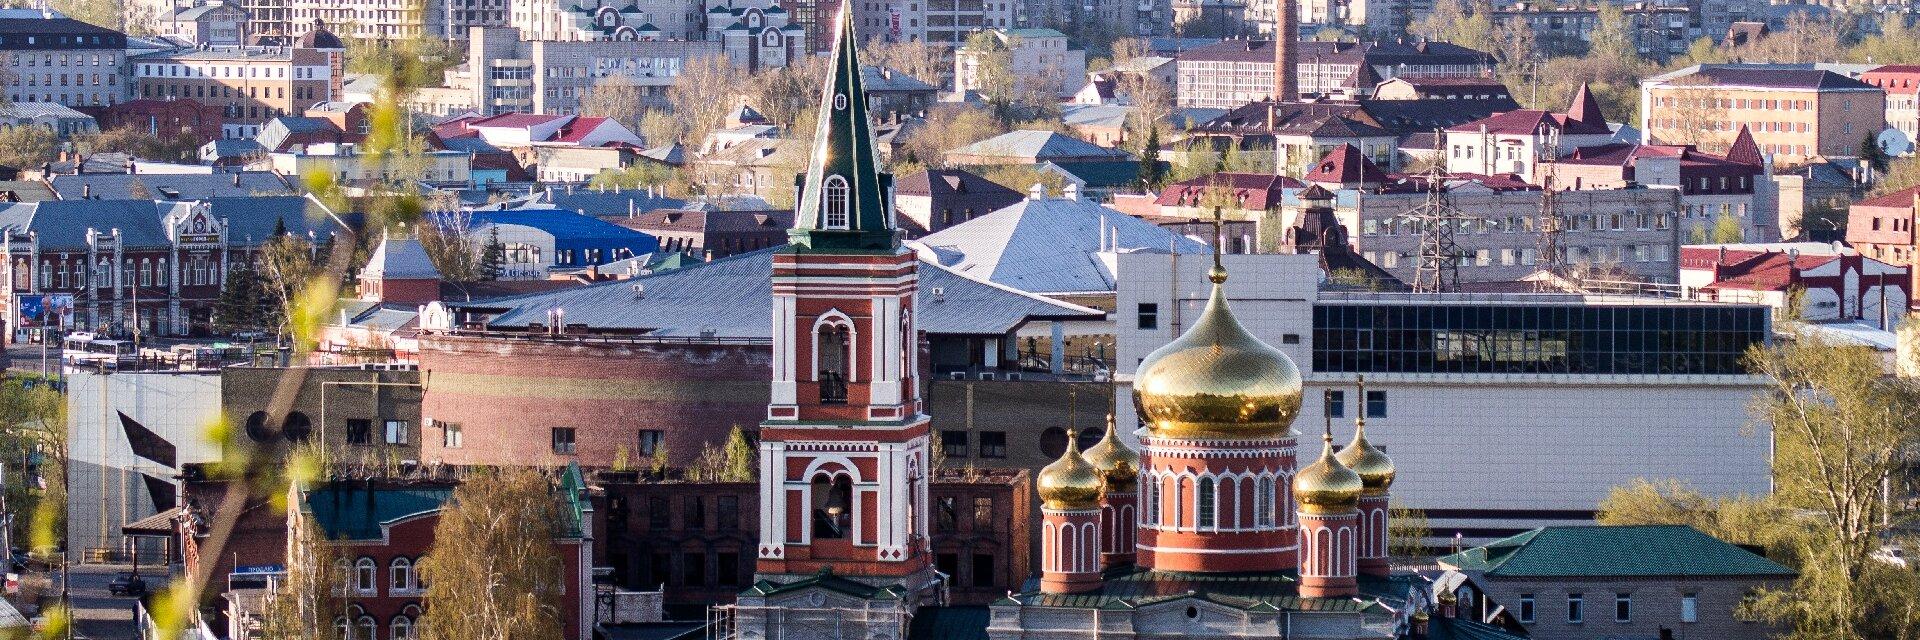 Поиск отелей в Барнауле